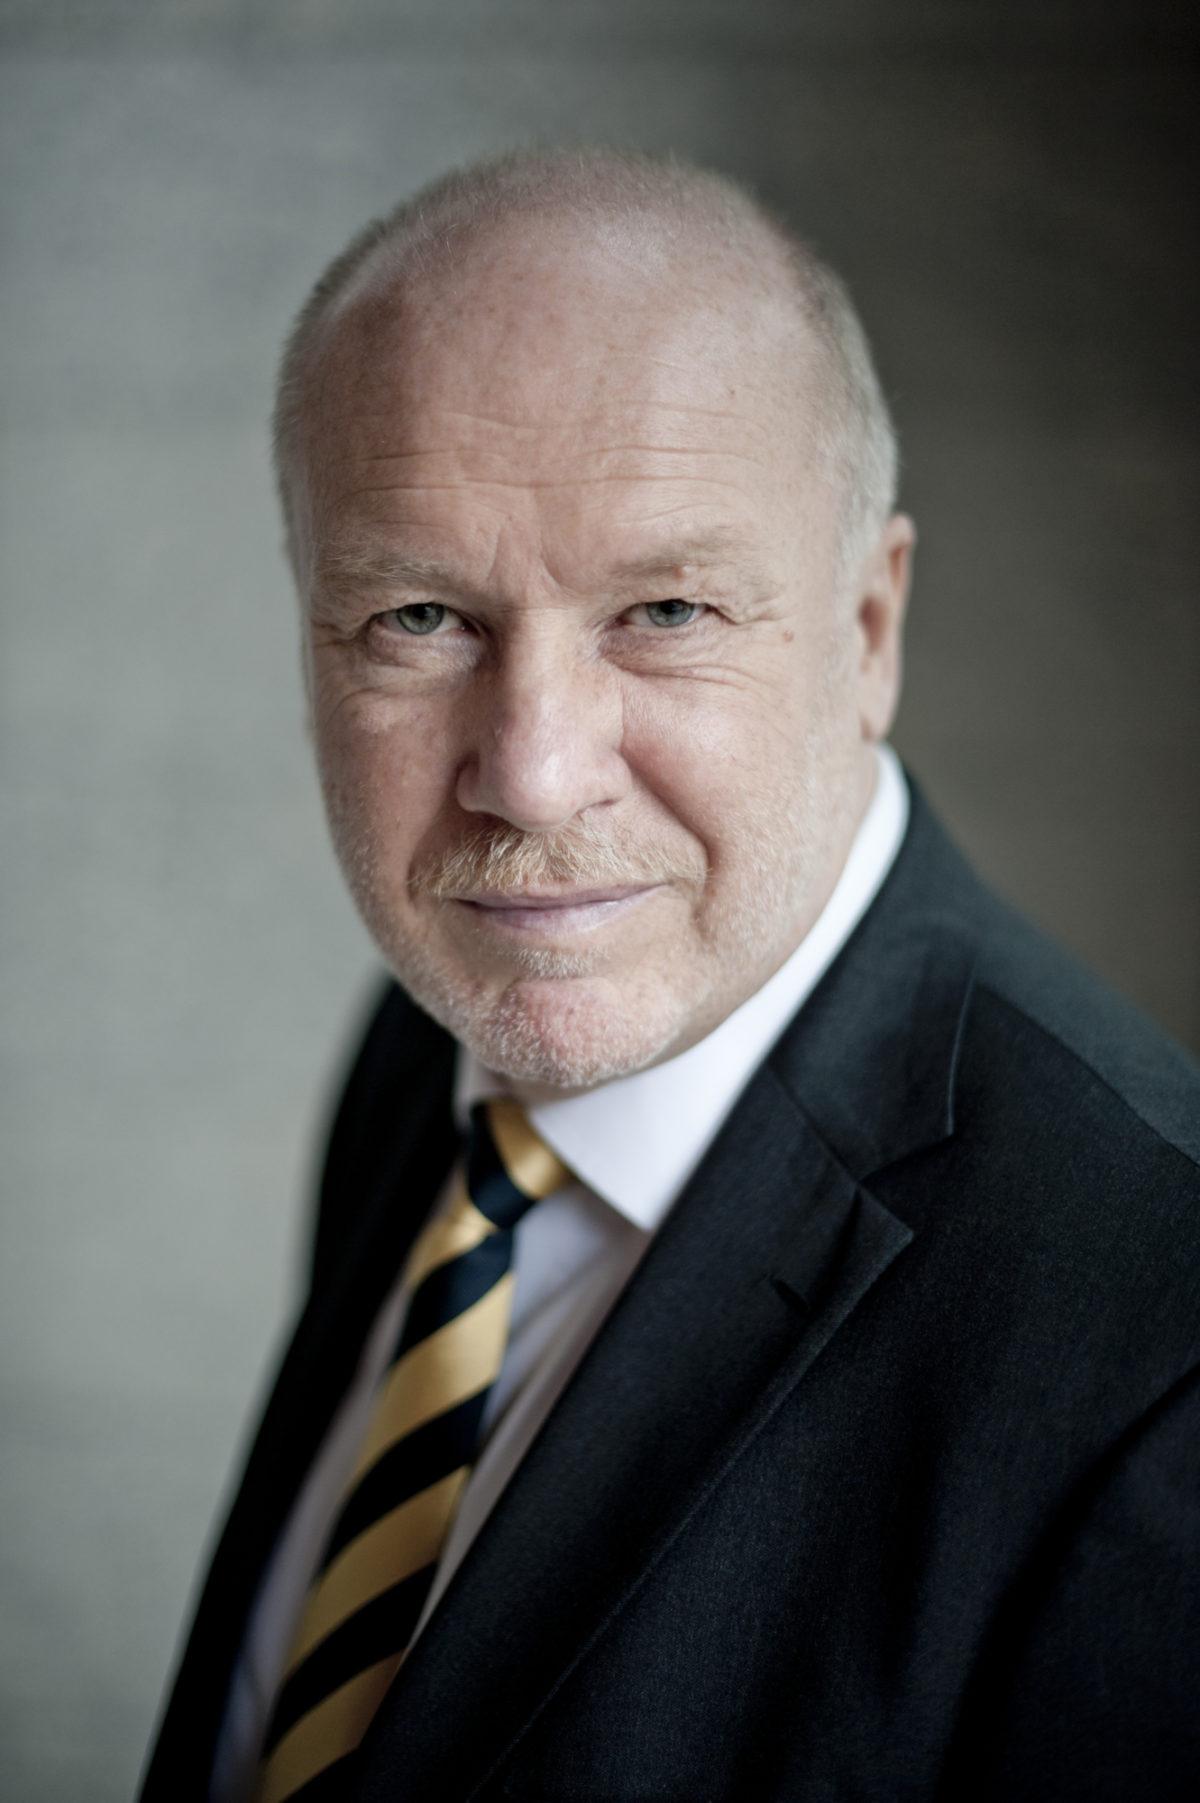 Håvard Holm valgt til president i Juristforbundet